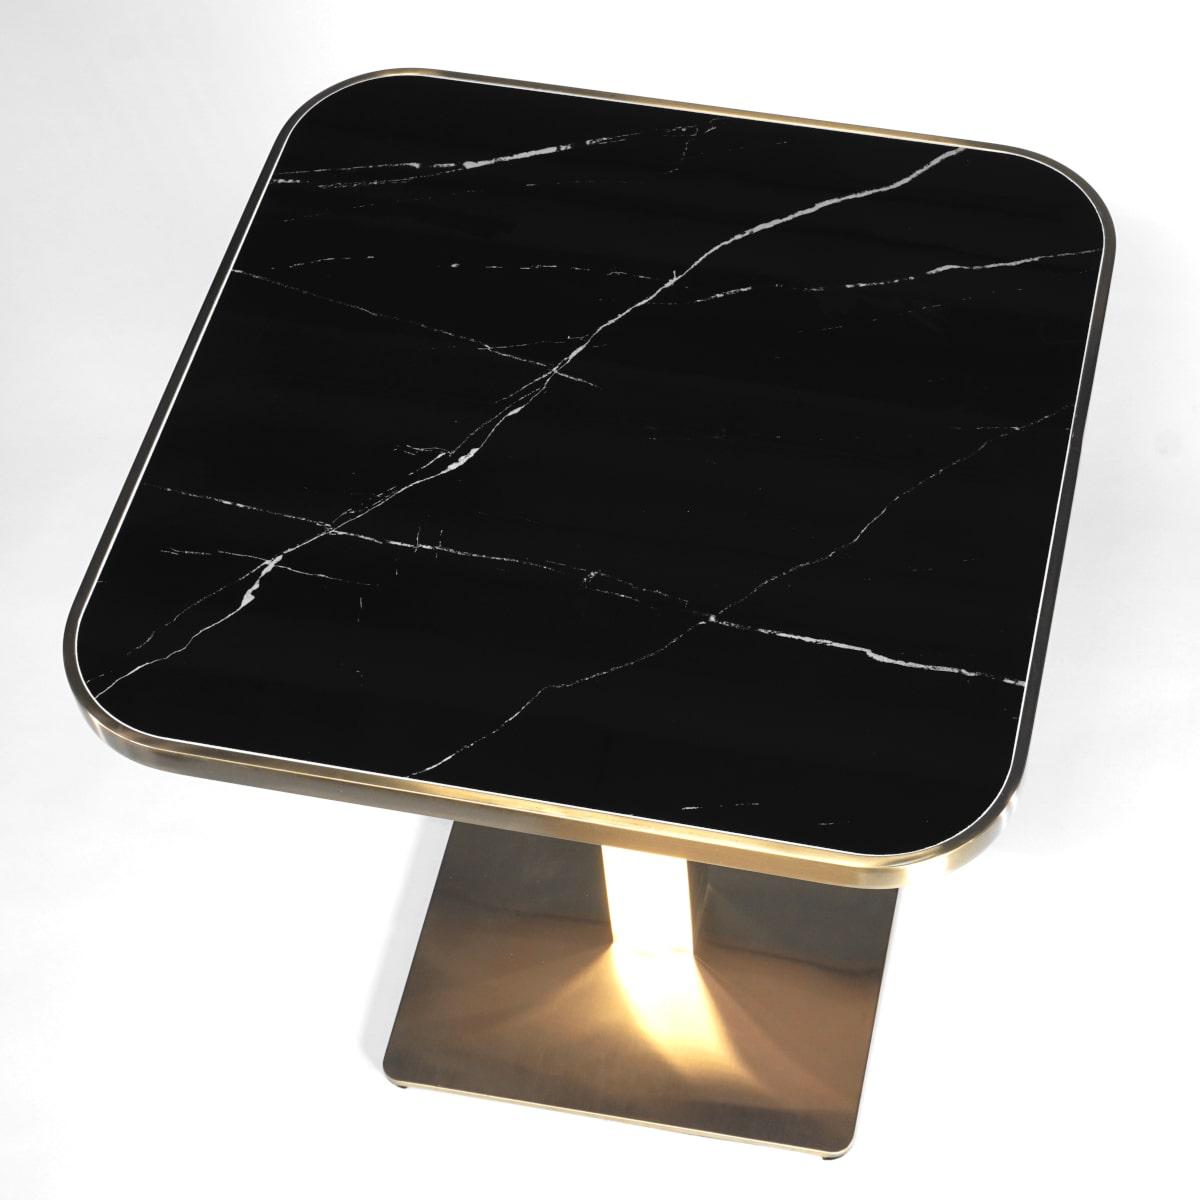 Esstisch klein Tischplatte schwarze Marmor Optik